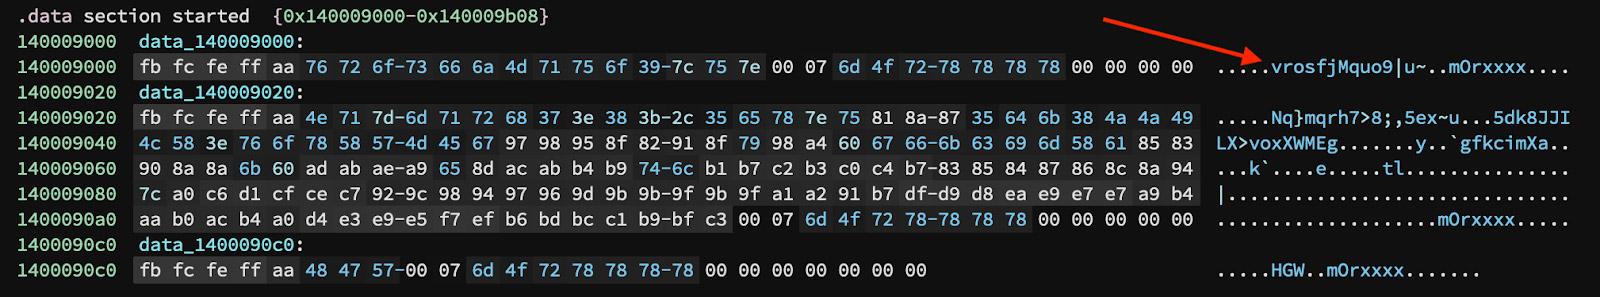 Encoded Strings